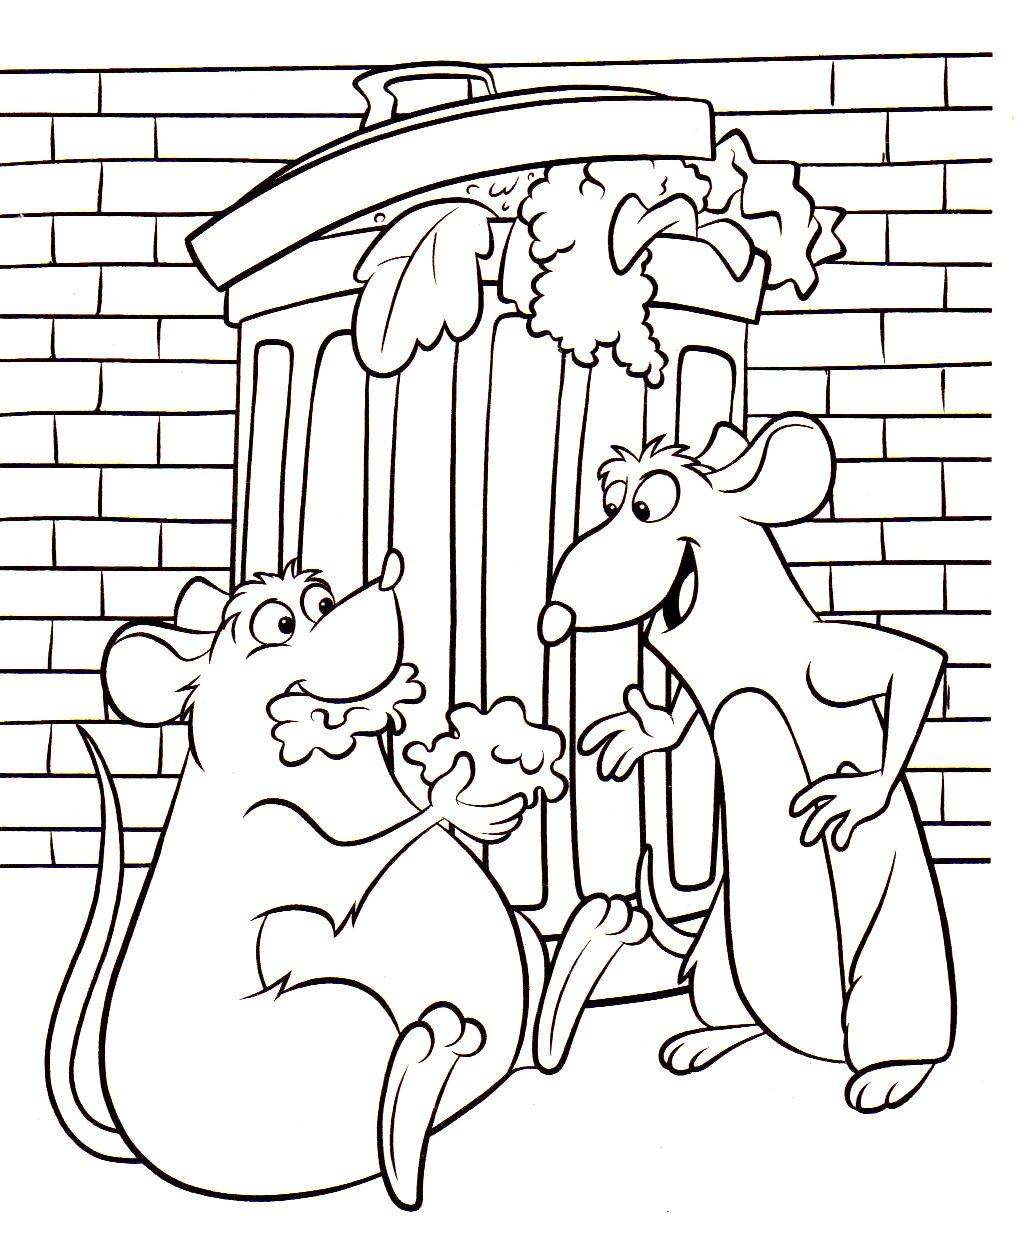 Disney ratatouille coloring pages -